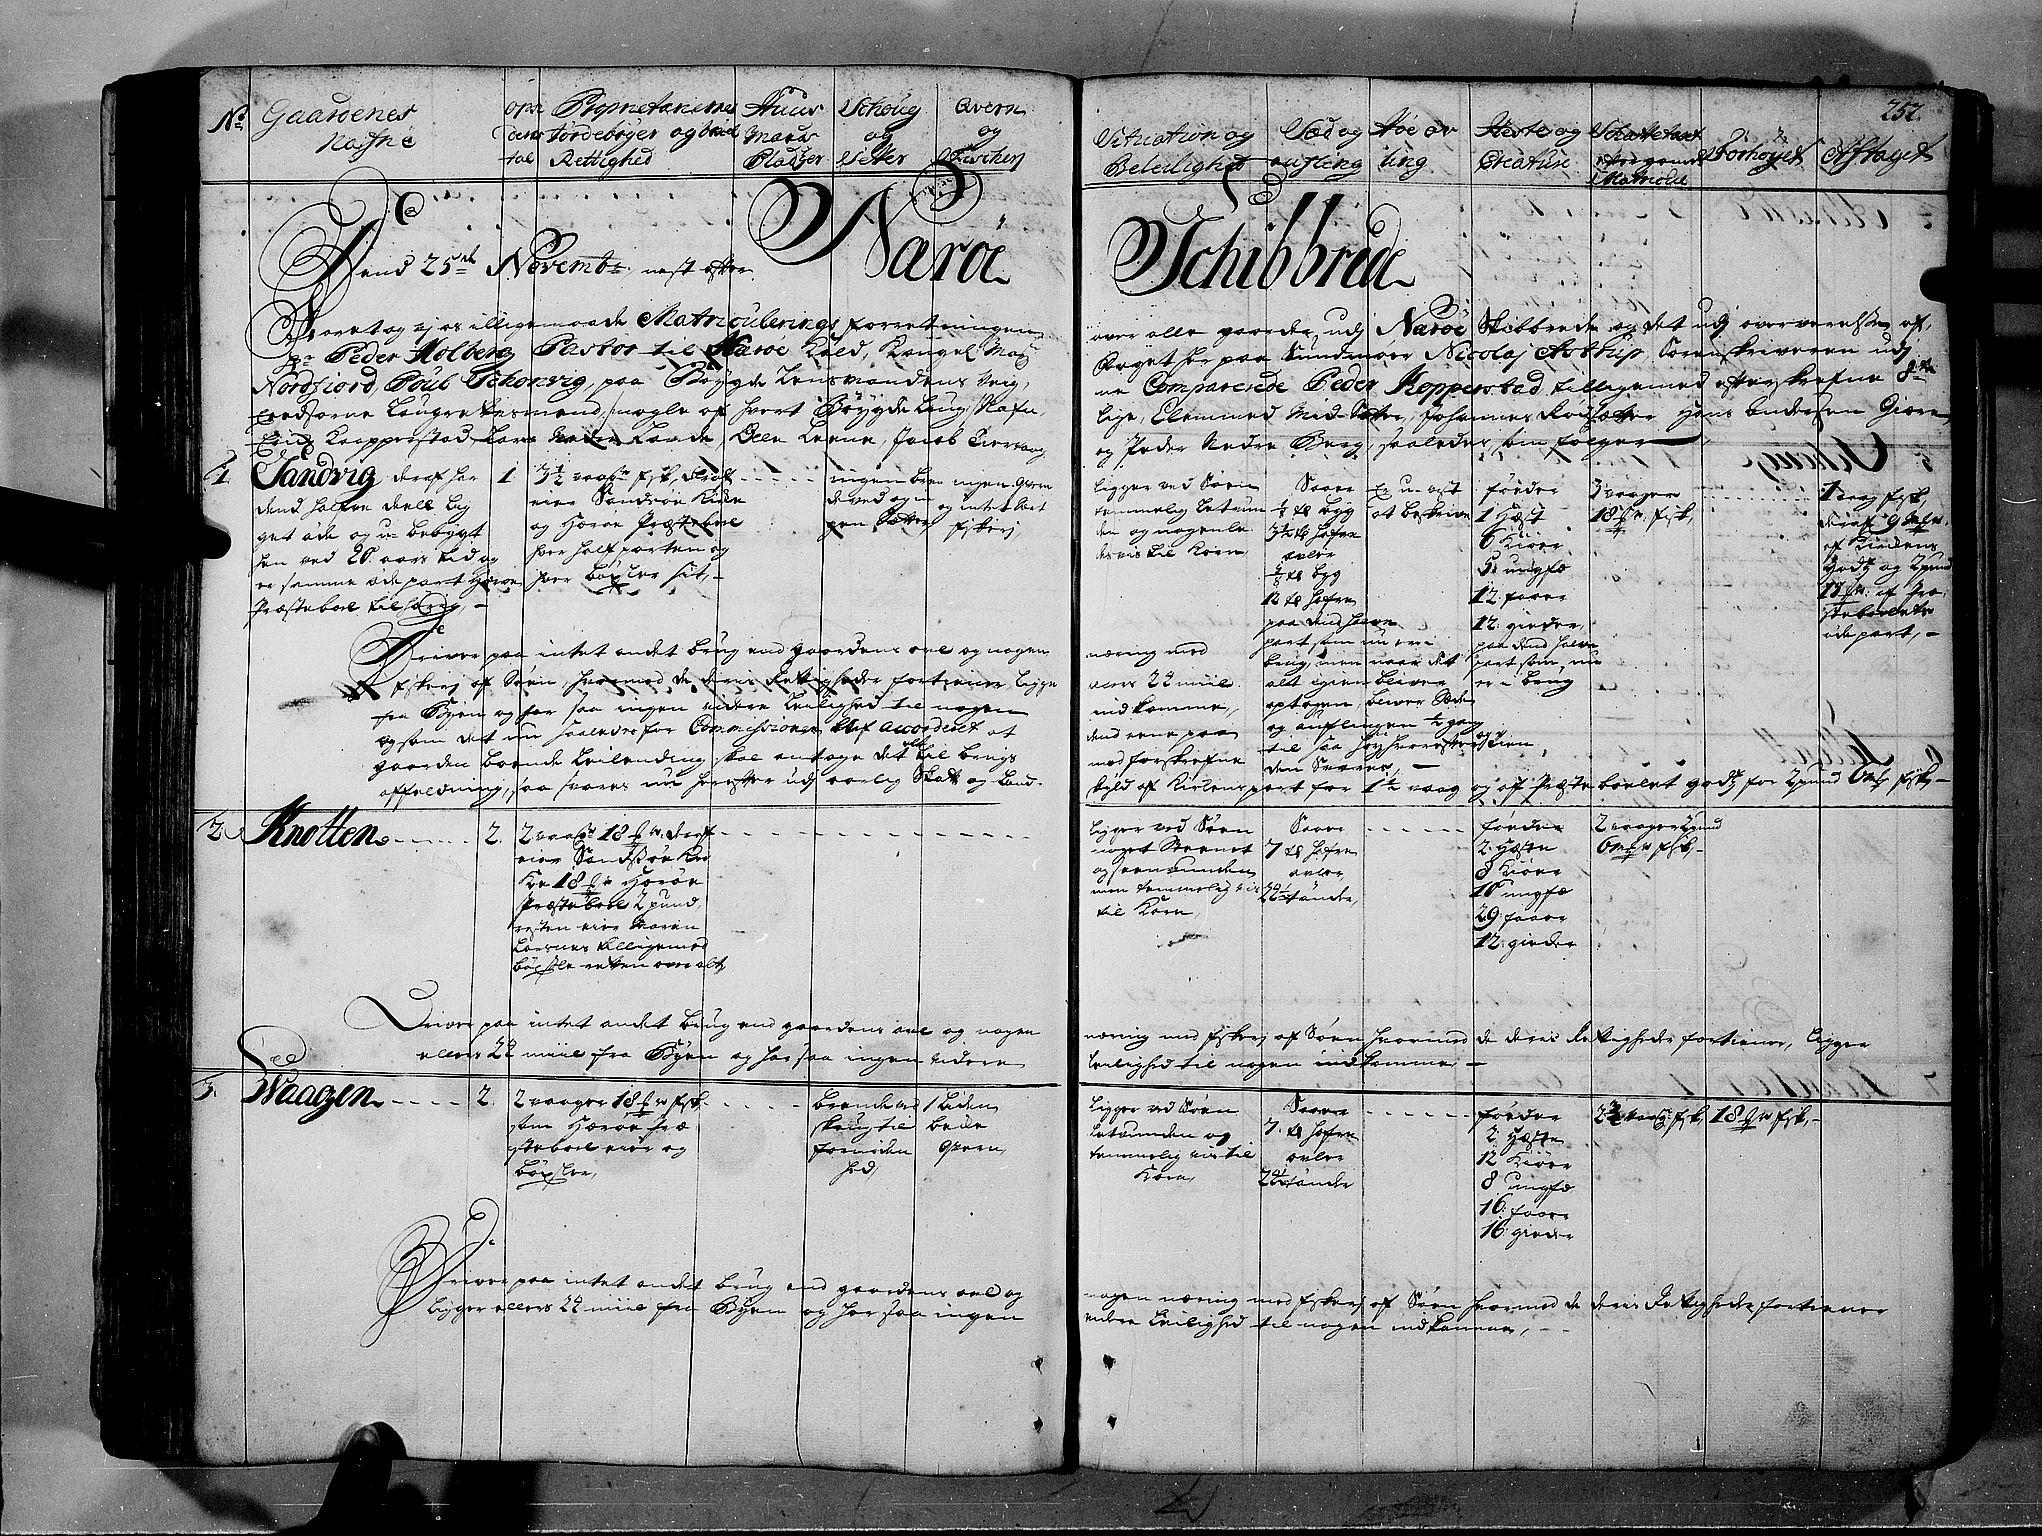 RA, Rentekammeret inntil 1814, Realistisk ordnet avdeling, N/Nb/Nbf/L0150: Sunnmøre eksaminasjonsprotokoll, 1724, s. 251b-252a